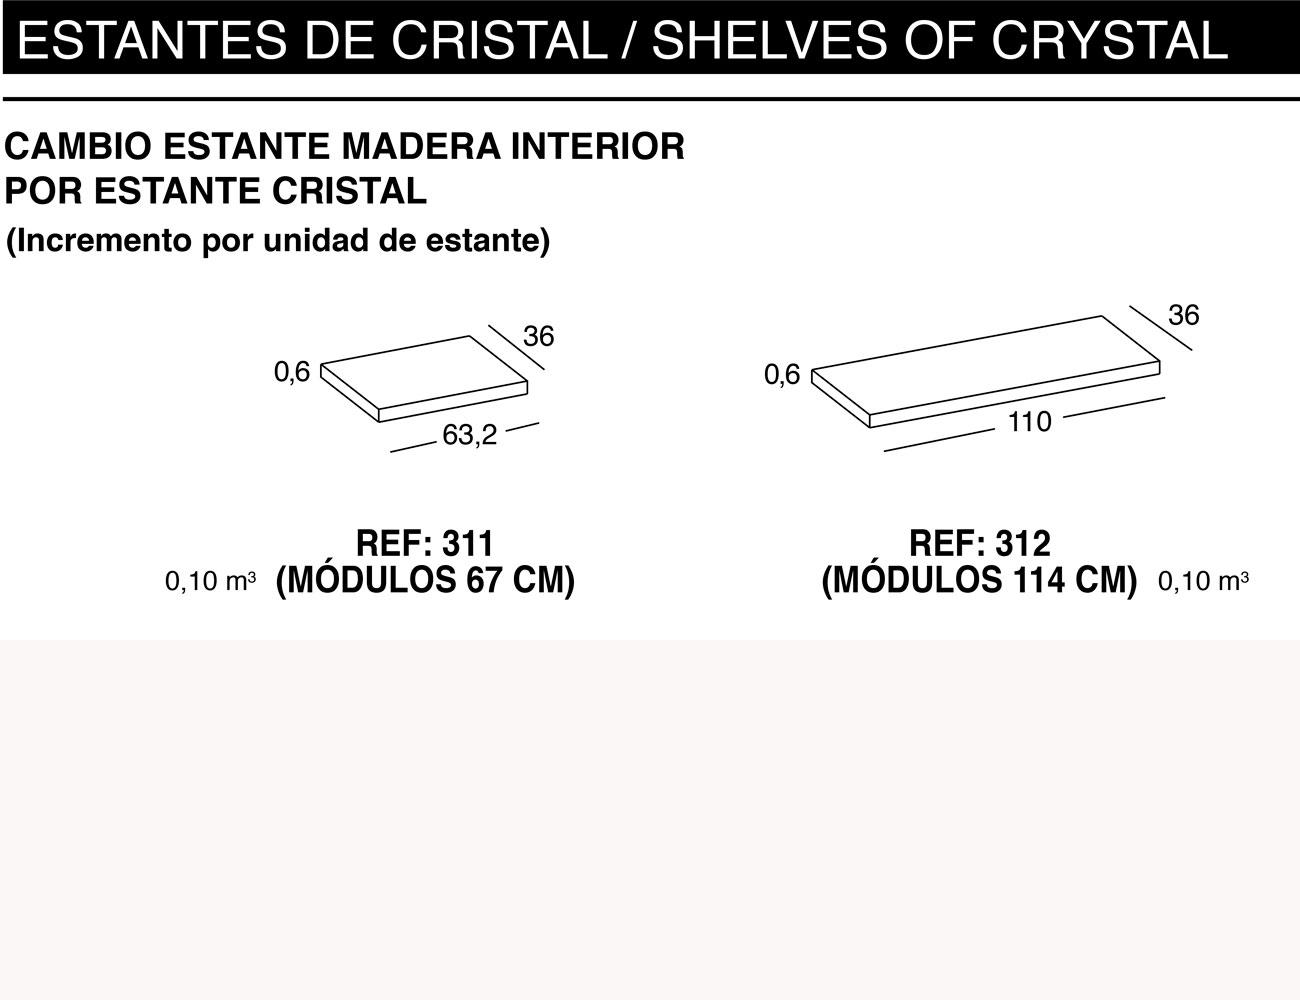 Cambio estante madera interior estante cristal1